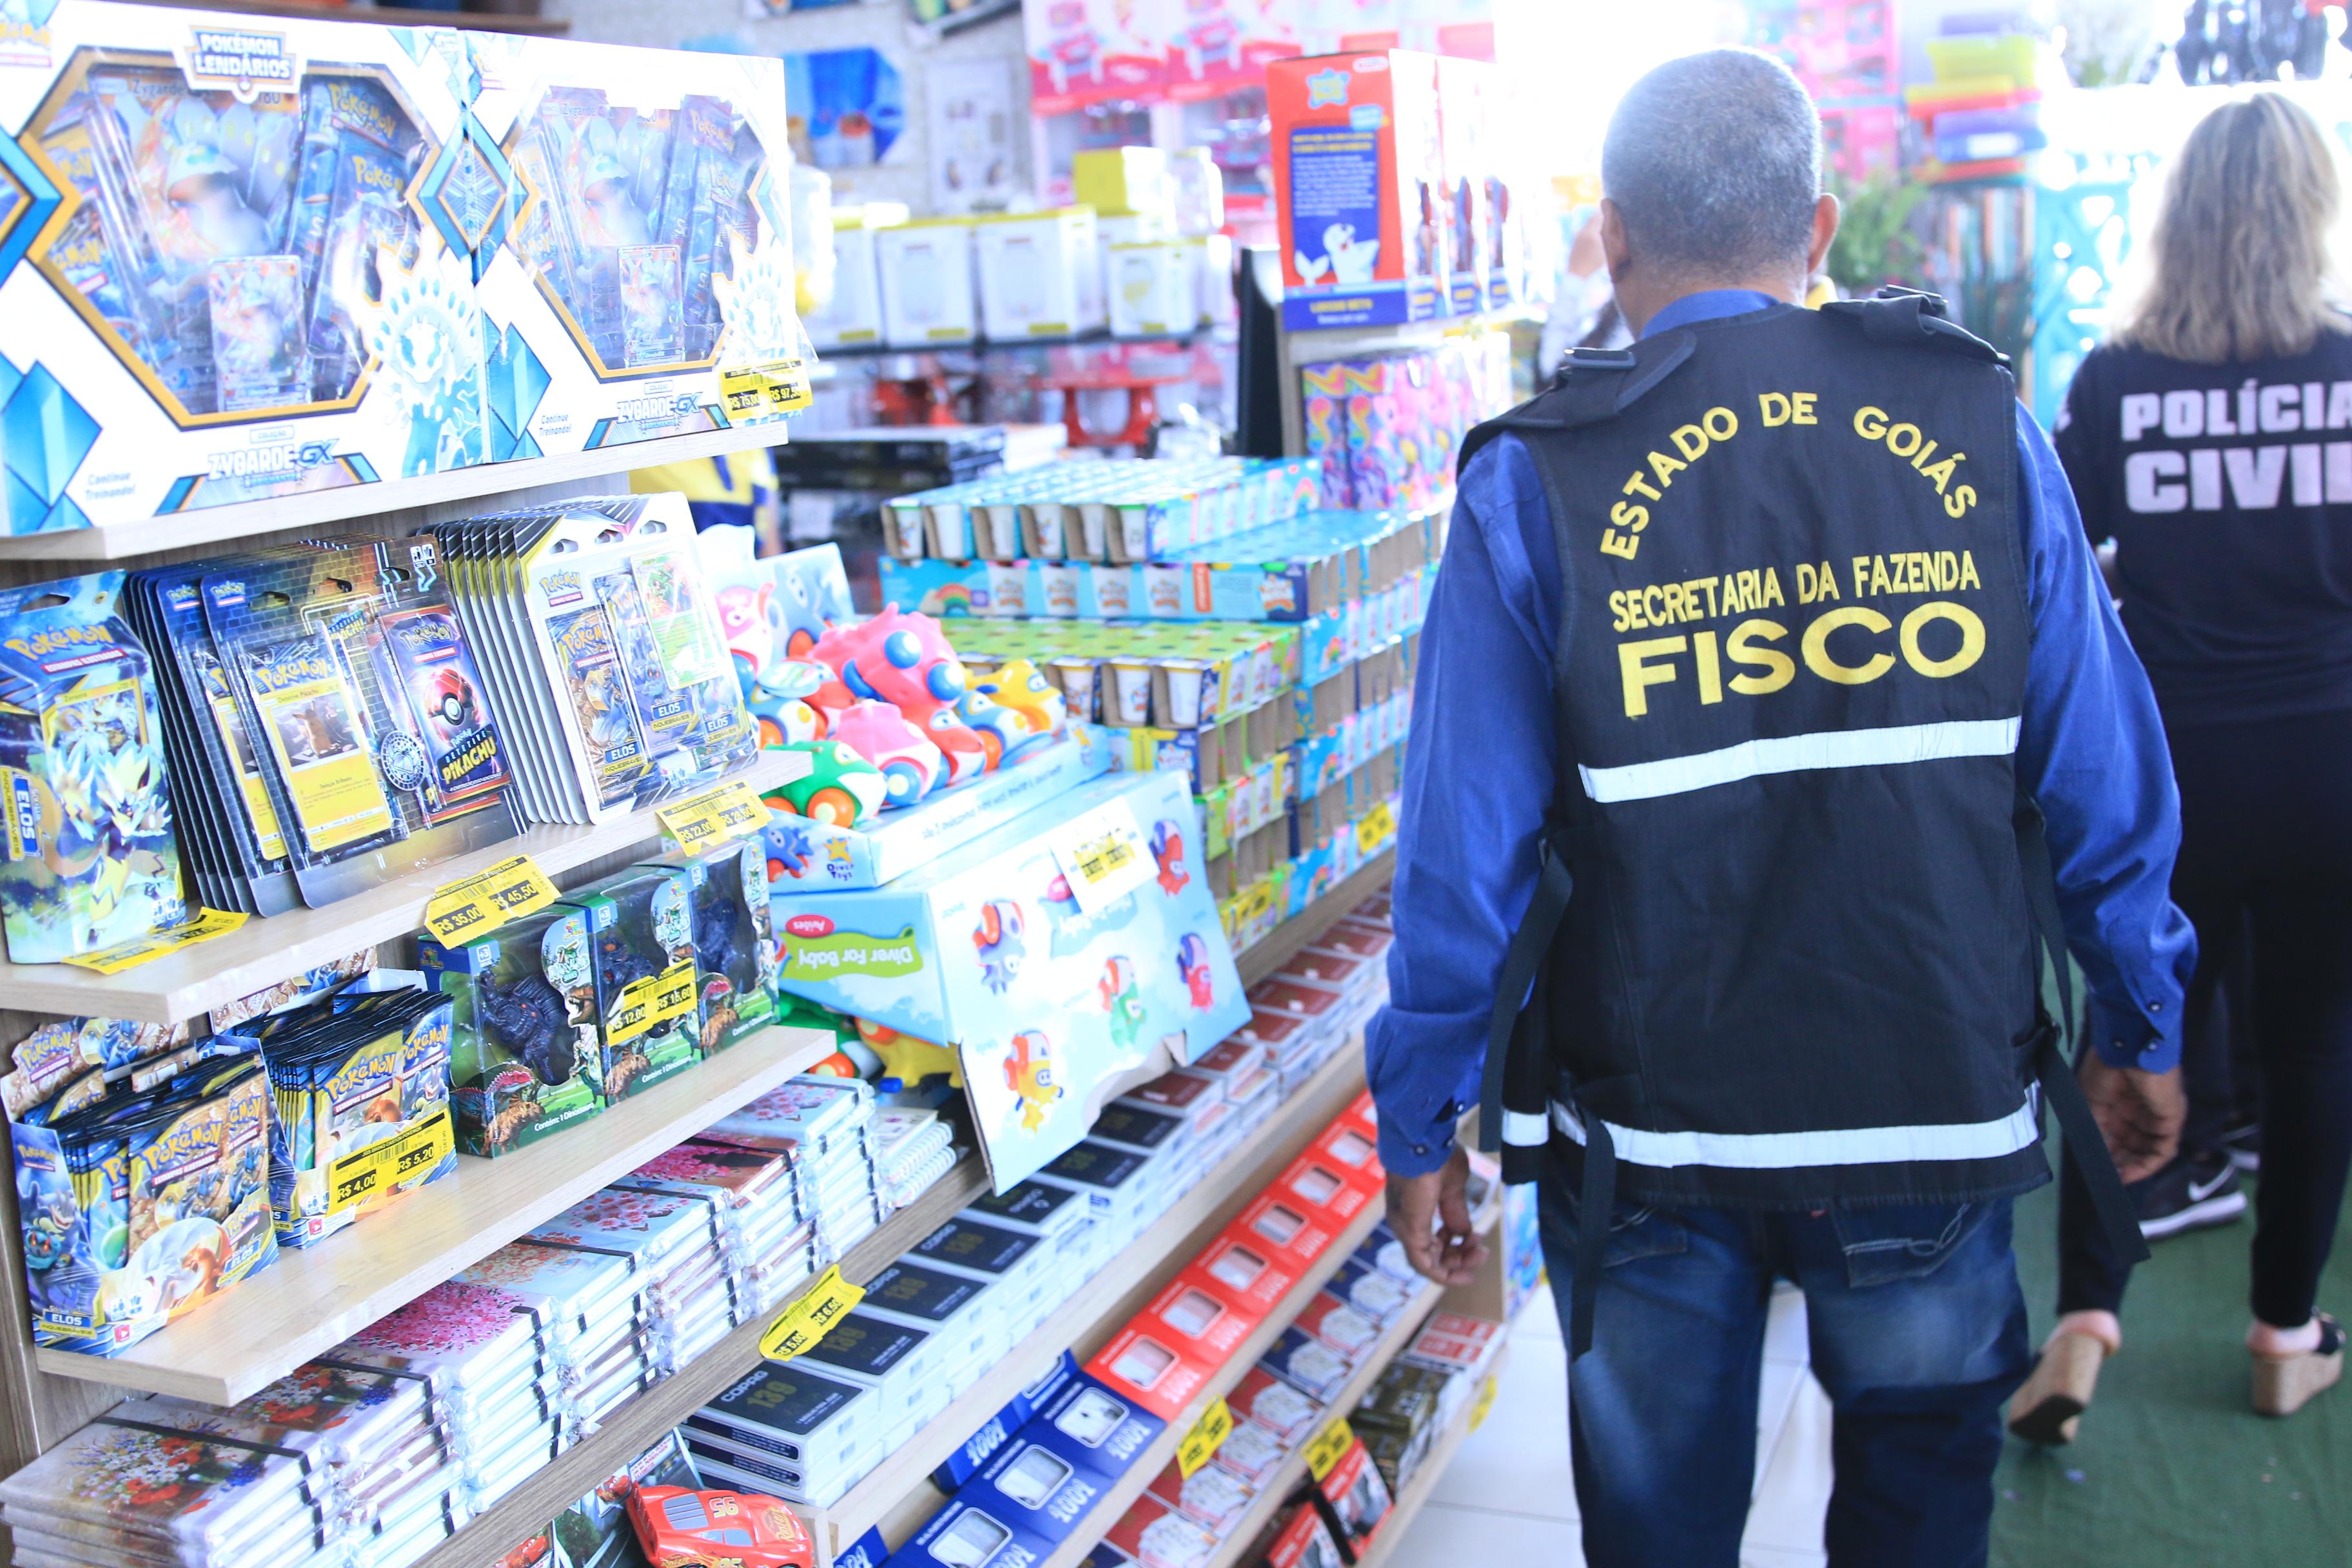 Goiás – Operação do fisco e polícias civil e militar combate fraude fiscal milionária